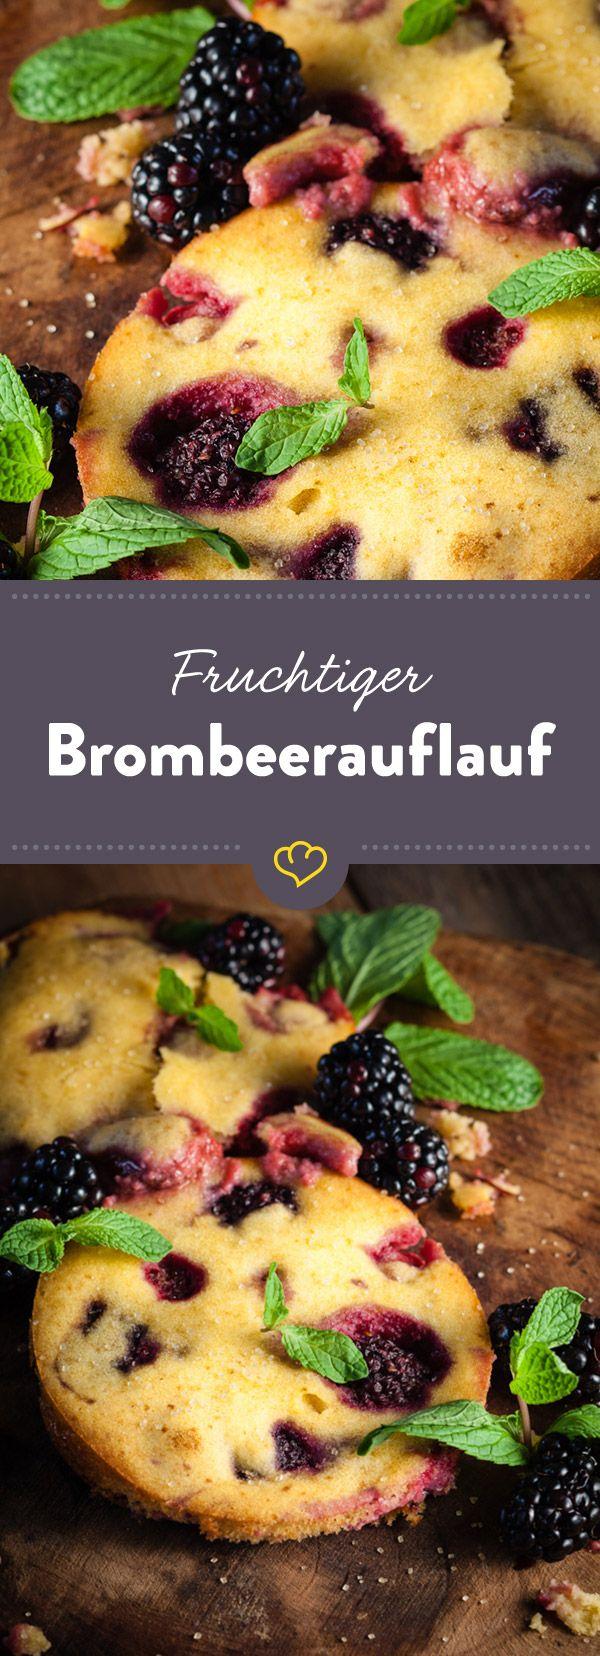 Frisch aus dem Ofen: Ein fluffig süßer Auflauf der amerikanischen Ureinwohner mit Brombeeren und frischer Minze. Herrlich soft!